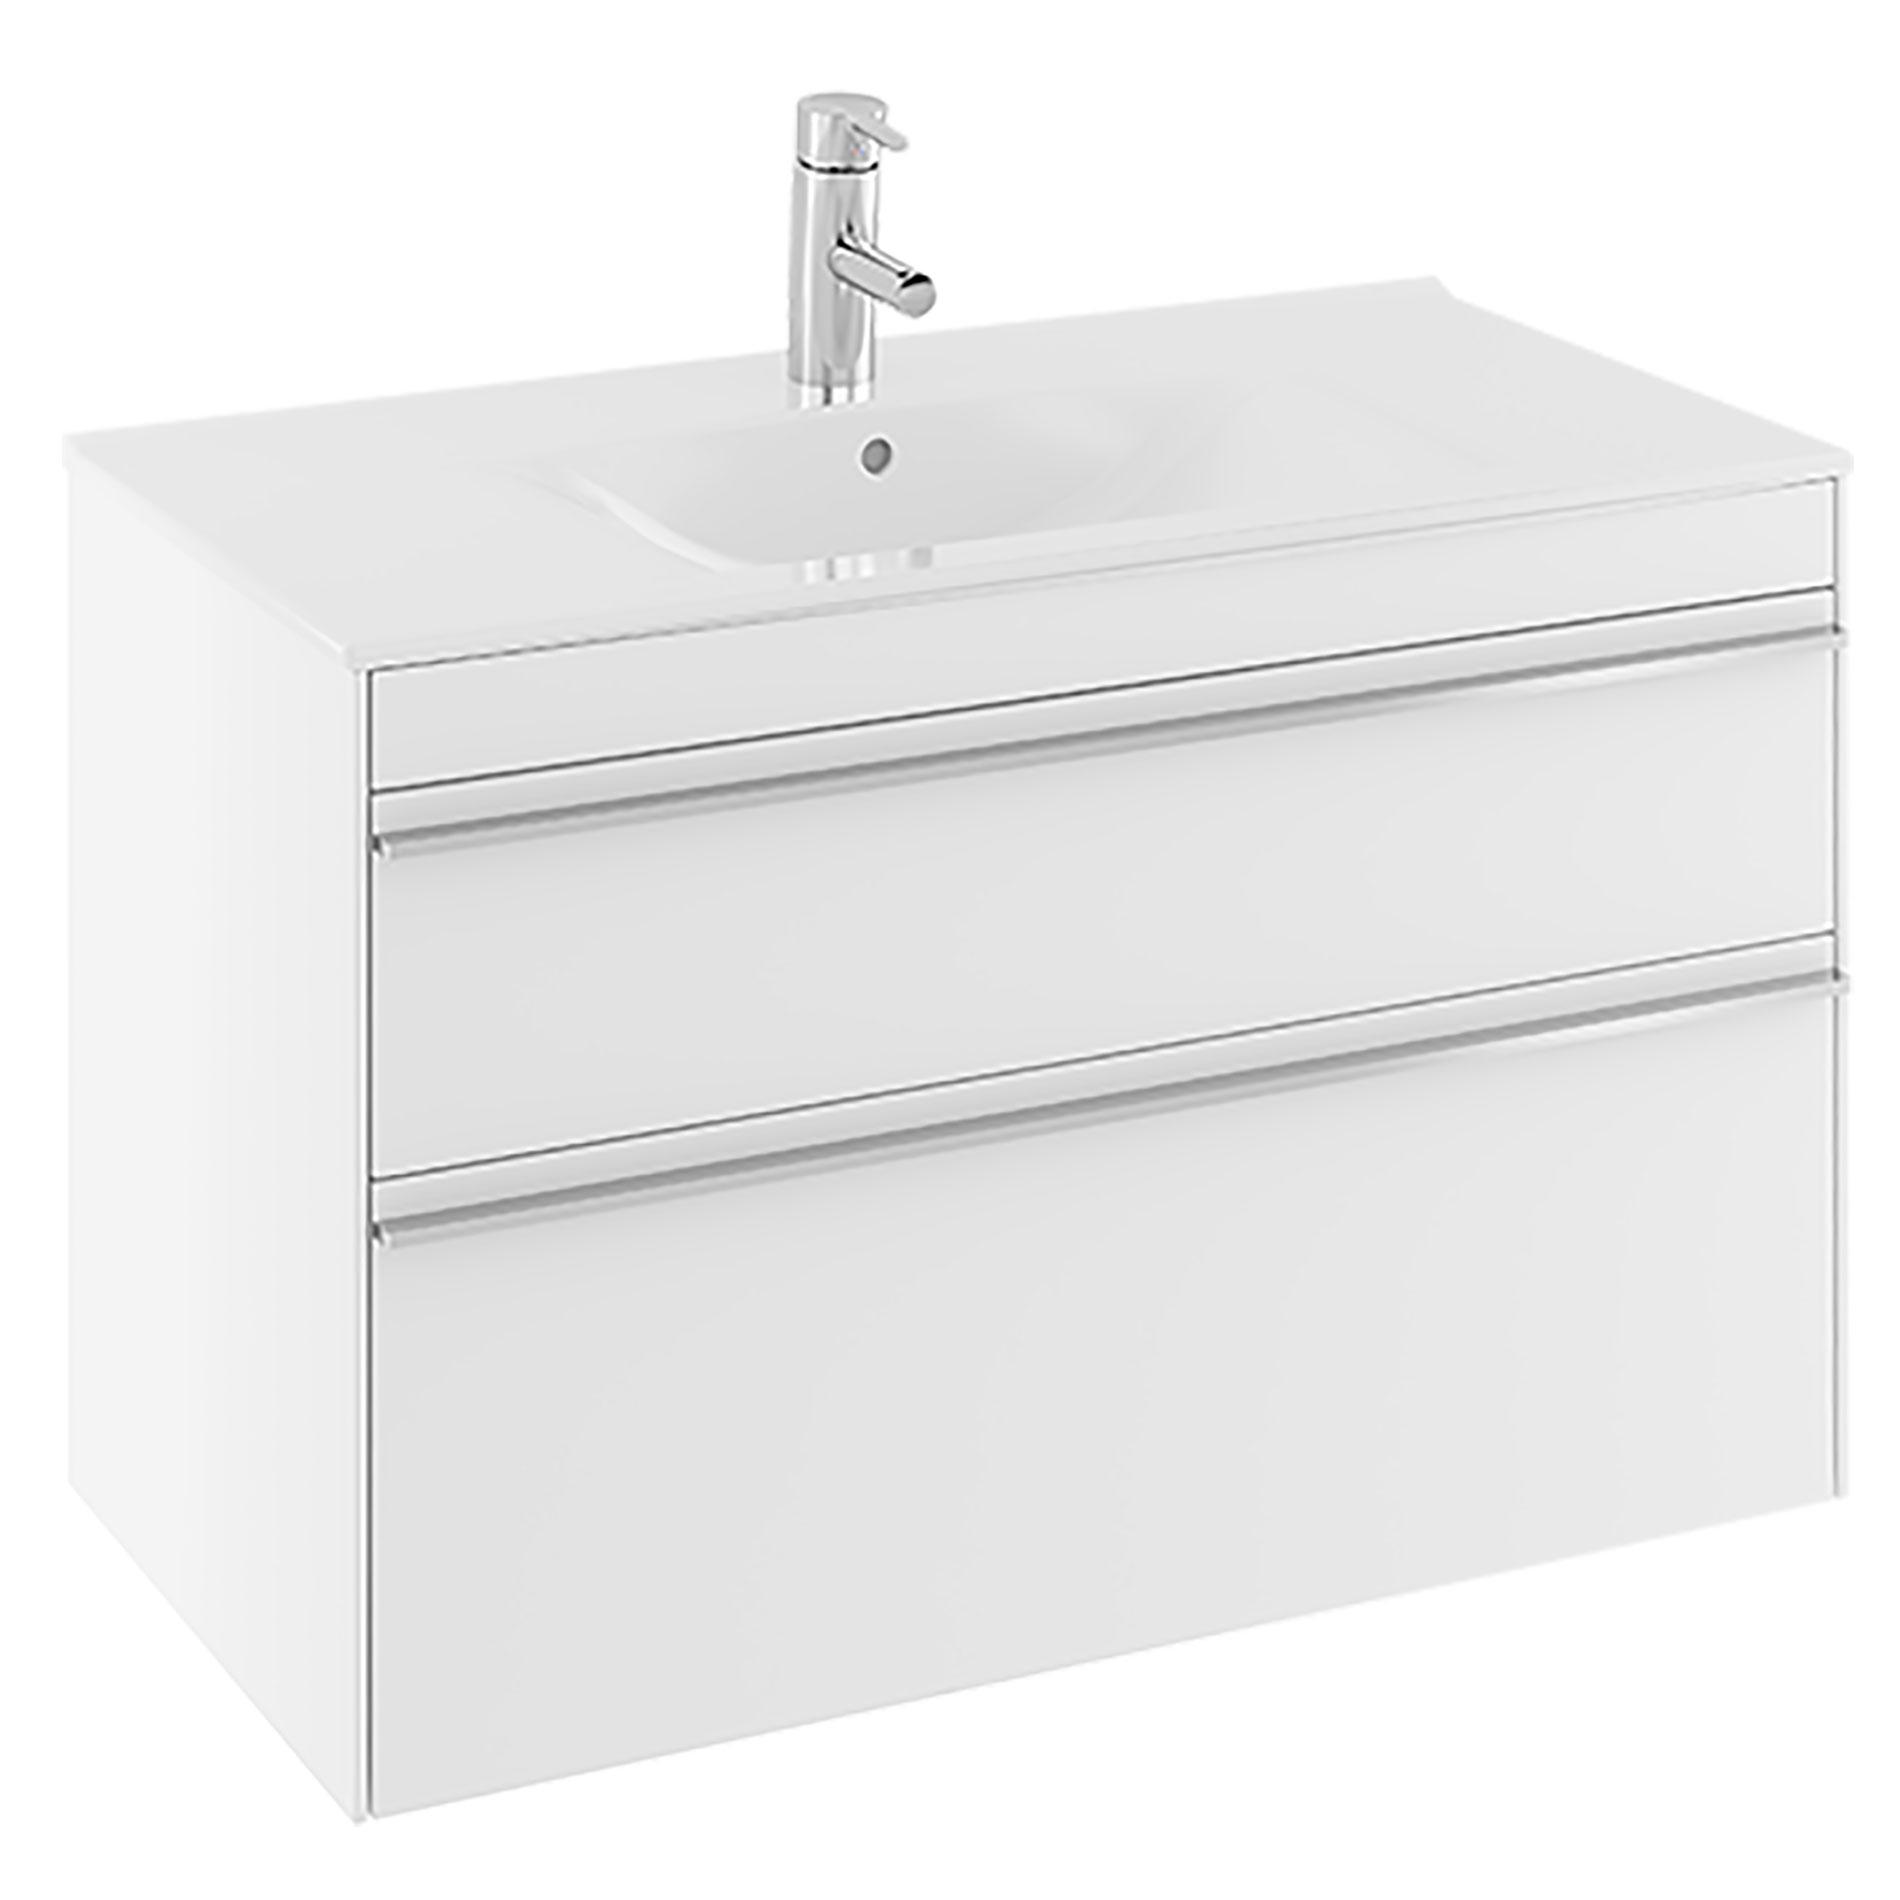 Tvättställsskåp Ifö Sense 2 Lådor Lågt Tvättställ